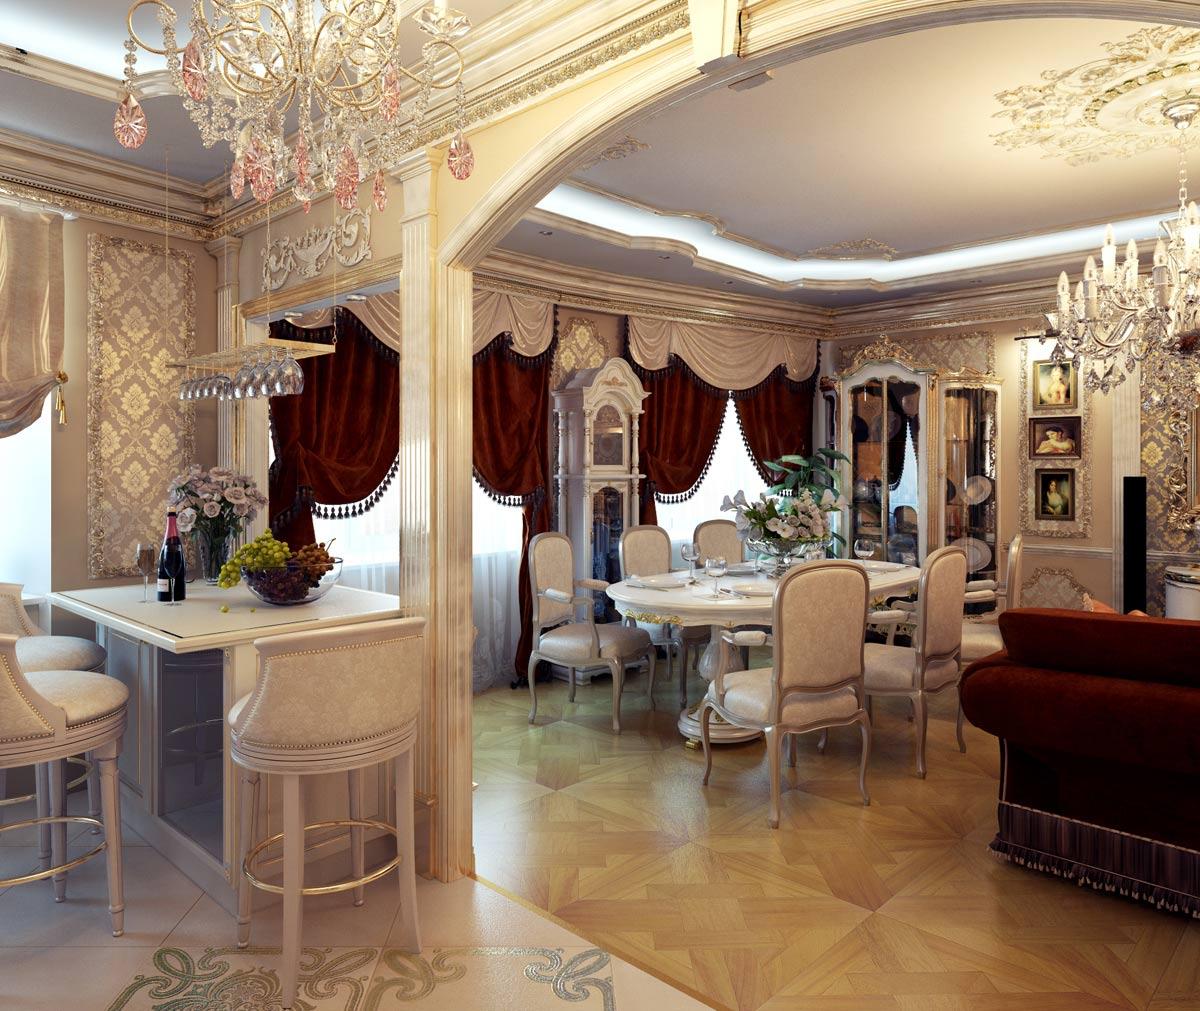 Зонирование гостиной осуществляется с помощью разных покрытий – паркета и плитки с узором